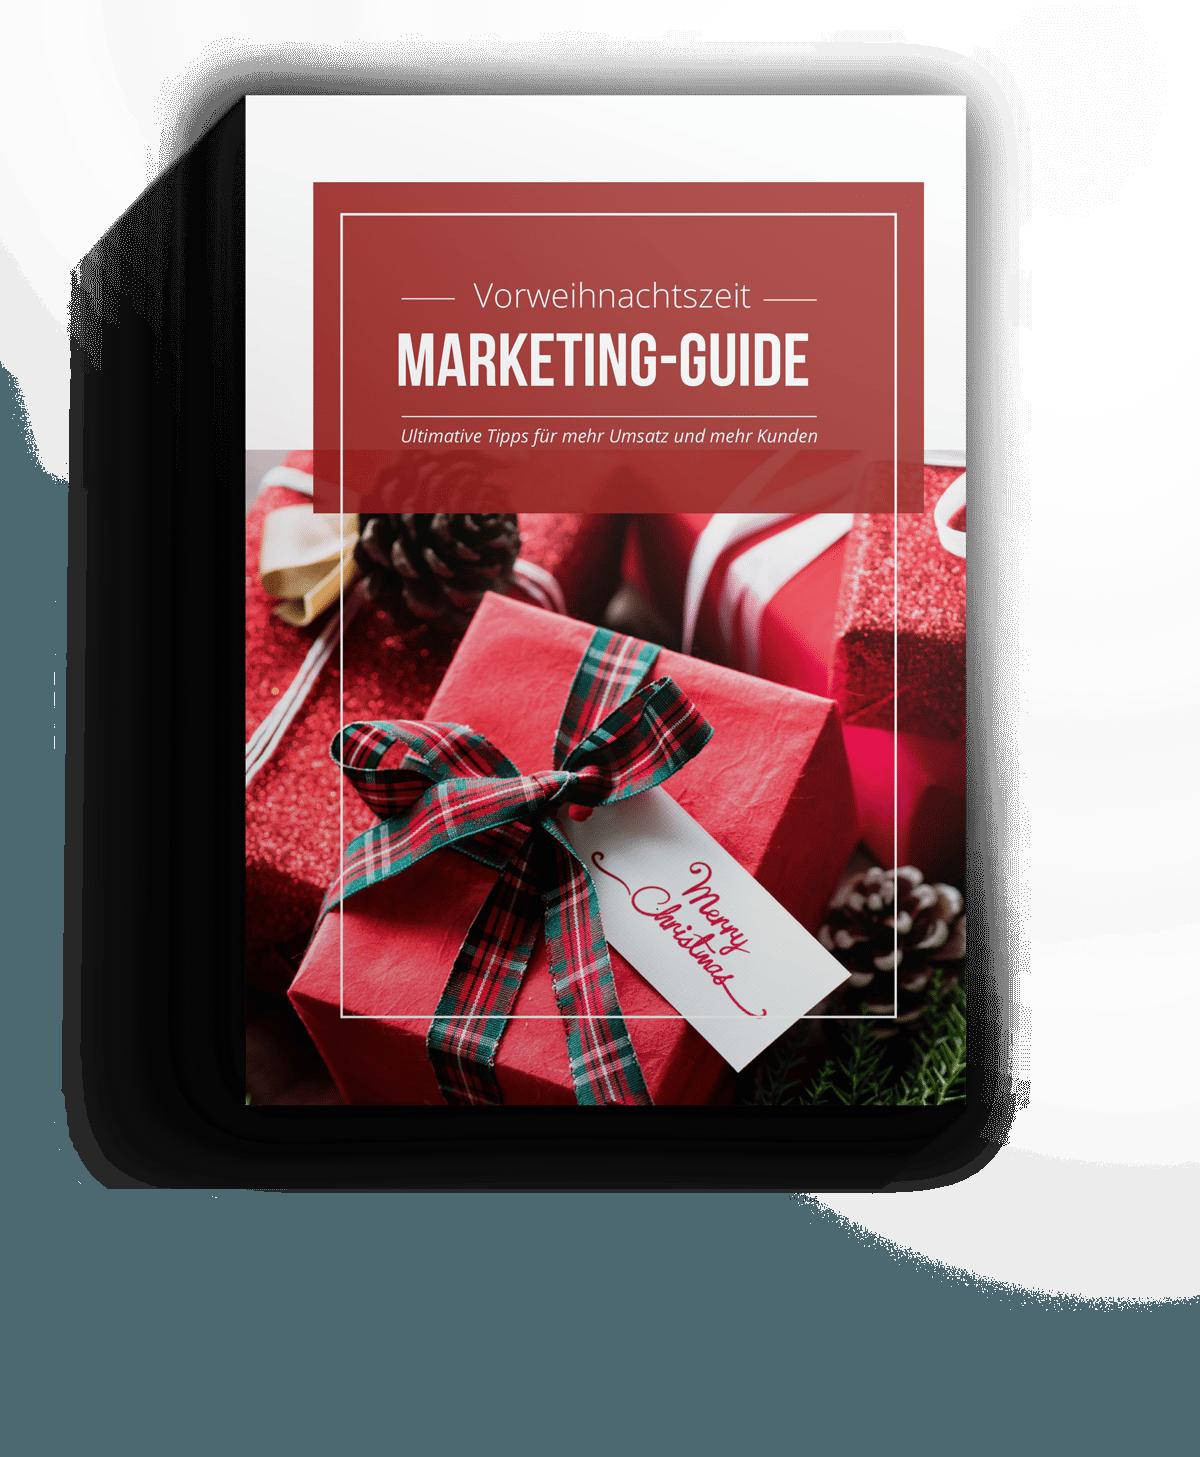 marketing guide fuer die vorweihnachtszeit von simpliby gmbh